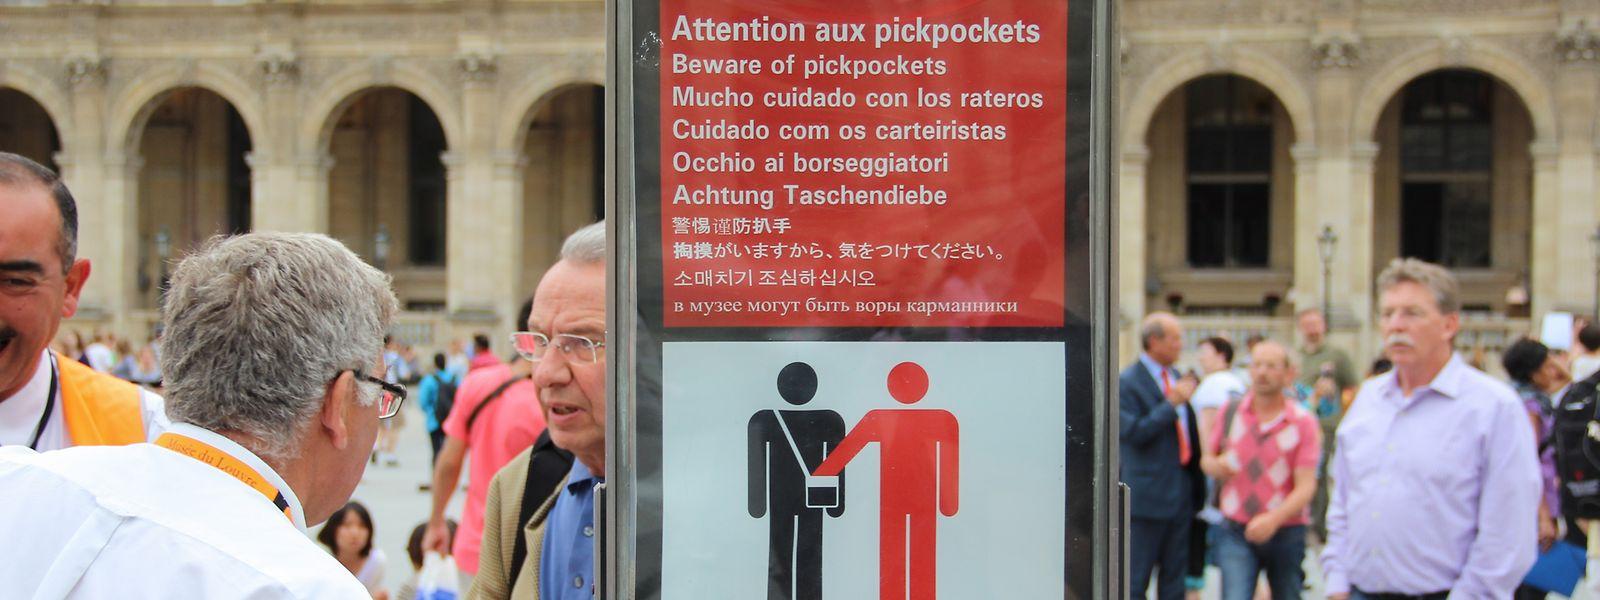 """""""Attention aux pickpockets – Achtung Taschendiebe"""", heißt es vor dem Louvre in Paris."""